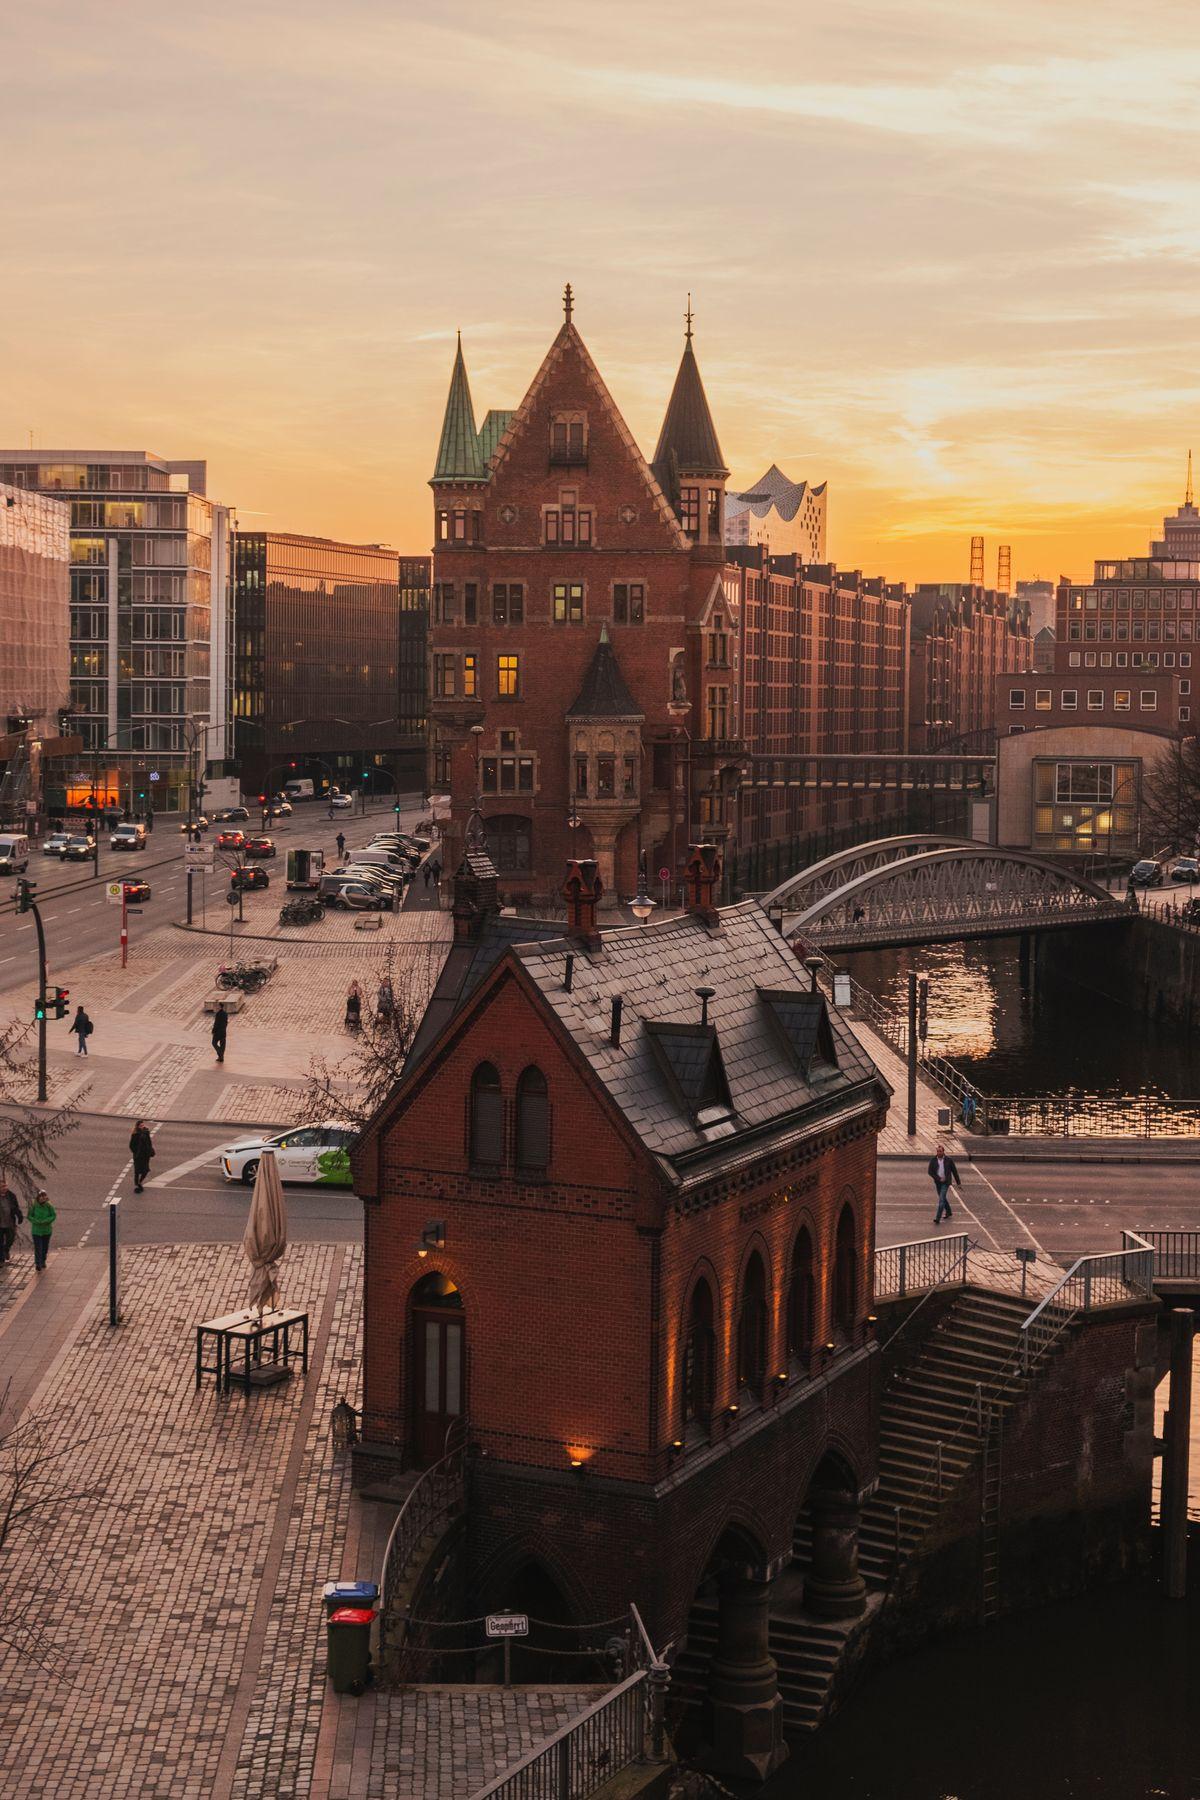 Ein beeindruckendes Hamburg-Visual von Julia Solonina, gefunden bei Unsplash.